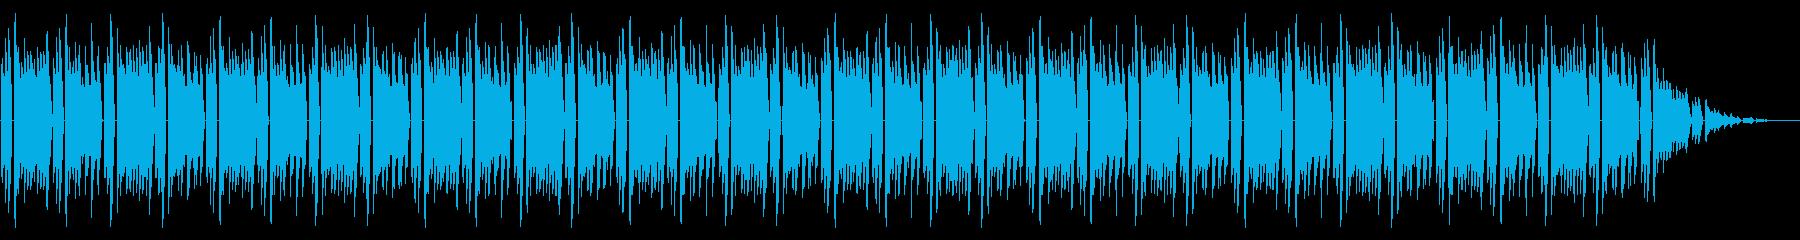 GB風スポーツ系格闘ゲームのリザルト曲の再生済みの波形